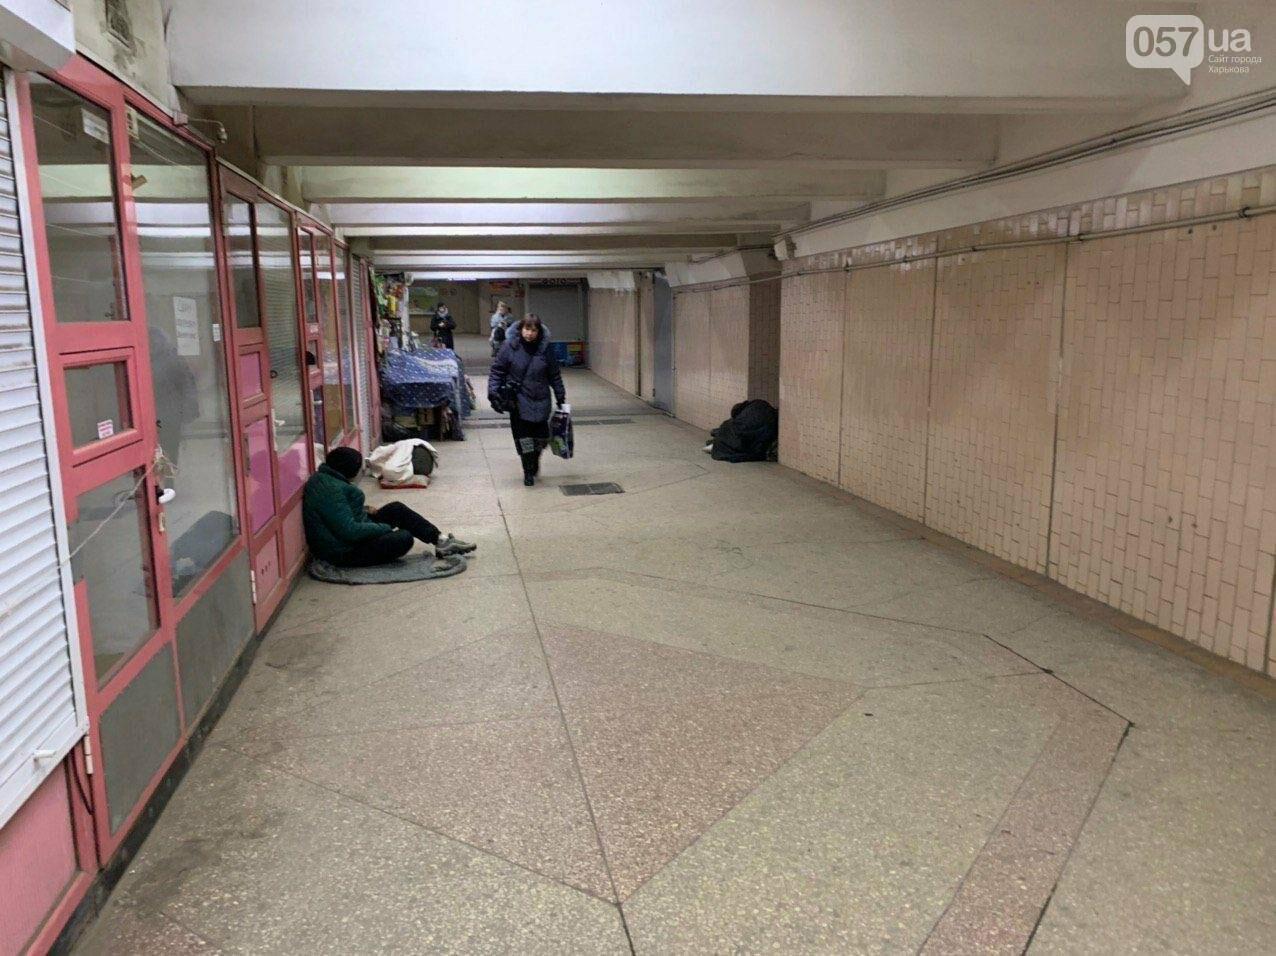 Тепло и комфорт: как бездомные «прописались» в харьковской подземке, - ФОТО, фото-2